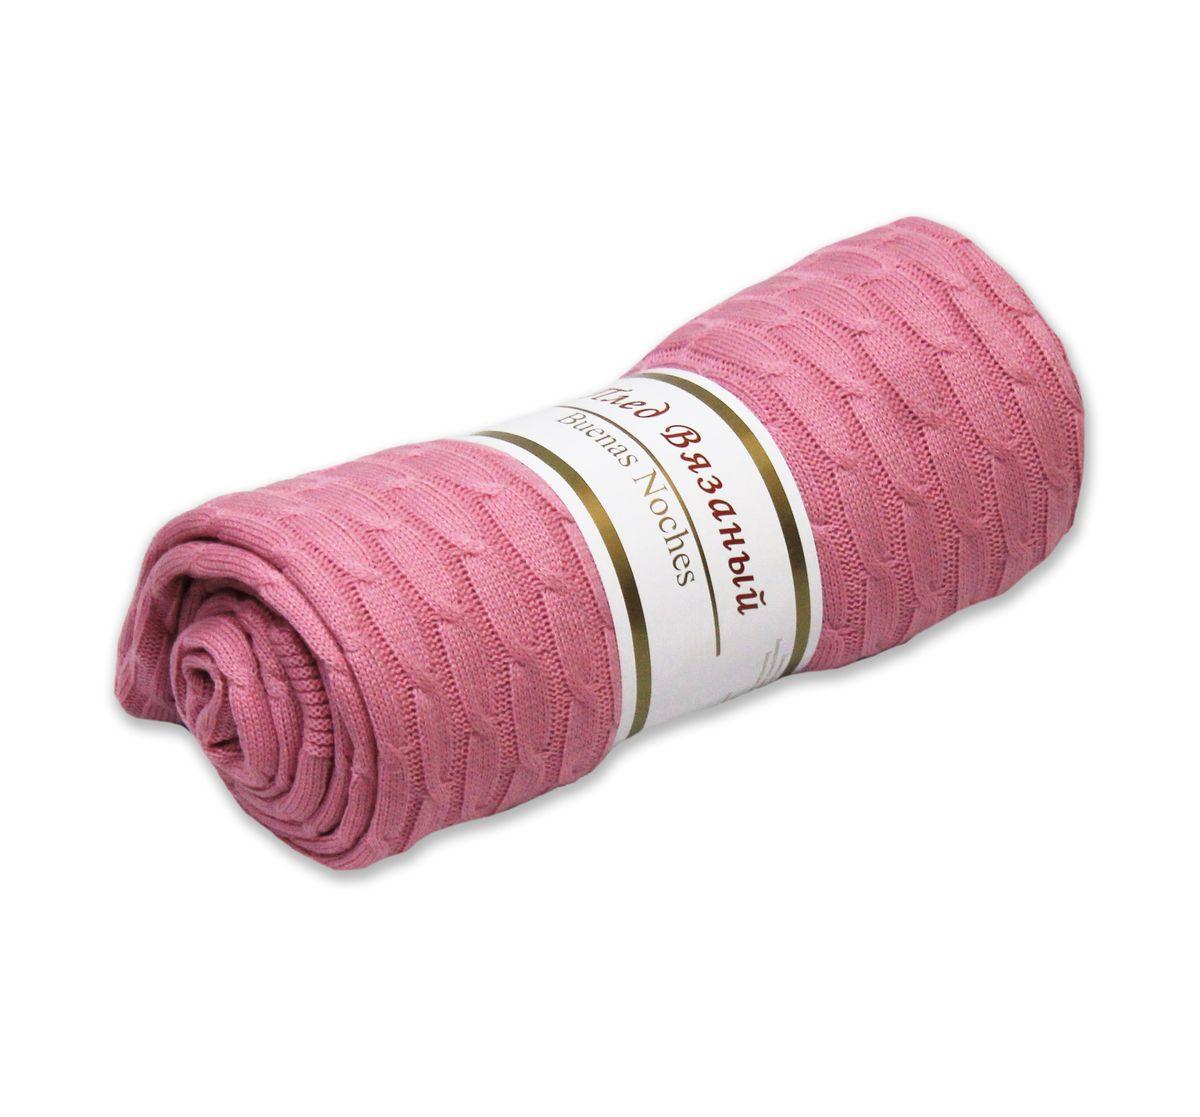 Плед вязаный Buenas Noches Manhattan, цвет: розовый, 180 х 200 см74376Вязаный плед Buenas Noches Manhattan - идеальное решение для вашего интерьера. Плед изготовлен из 100% акрила - современного высококачественного материала, который обладает замечательными свойствами. Изделия из акрила прекрасно сохраняют форму, не деформируются, не мнутся, всегда выглядят аккуратно, сохраняют размер и привлекательный внешний вид долгое время. Акрил идеален при использовании под открытым небом, так как обладает свойством водоотталкивания и быстро высыхает. Материал гипоаллергенный, безопасный, стойкий к воздействию живых организмов, волокнам не страшна плесень. Плед мягкий, приятный на ощупь, великолепный на вид, он обладает низкой теплопроводностью, замечательно сохраняет тепло. Беспрецедентная стойкость и ровность красок позволит пледу не выгореть на солнце и остаться первозданно ярким в течение продолжительного времени. Продукция Buenas Noches сделана с особой заботой, специально для вас и уюта в вашем доме! Рекомендации по уходу: - Ручная стирка, - Не отбеливать, - Сушить при низкой температуре, - Деликатные отжим и сушка. Плотность плетения ткани: 240 г/м2.